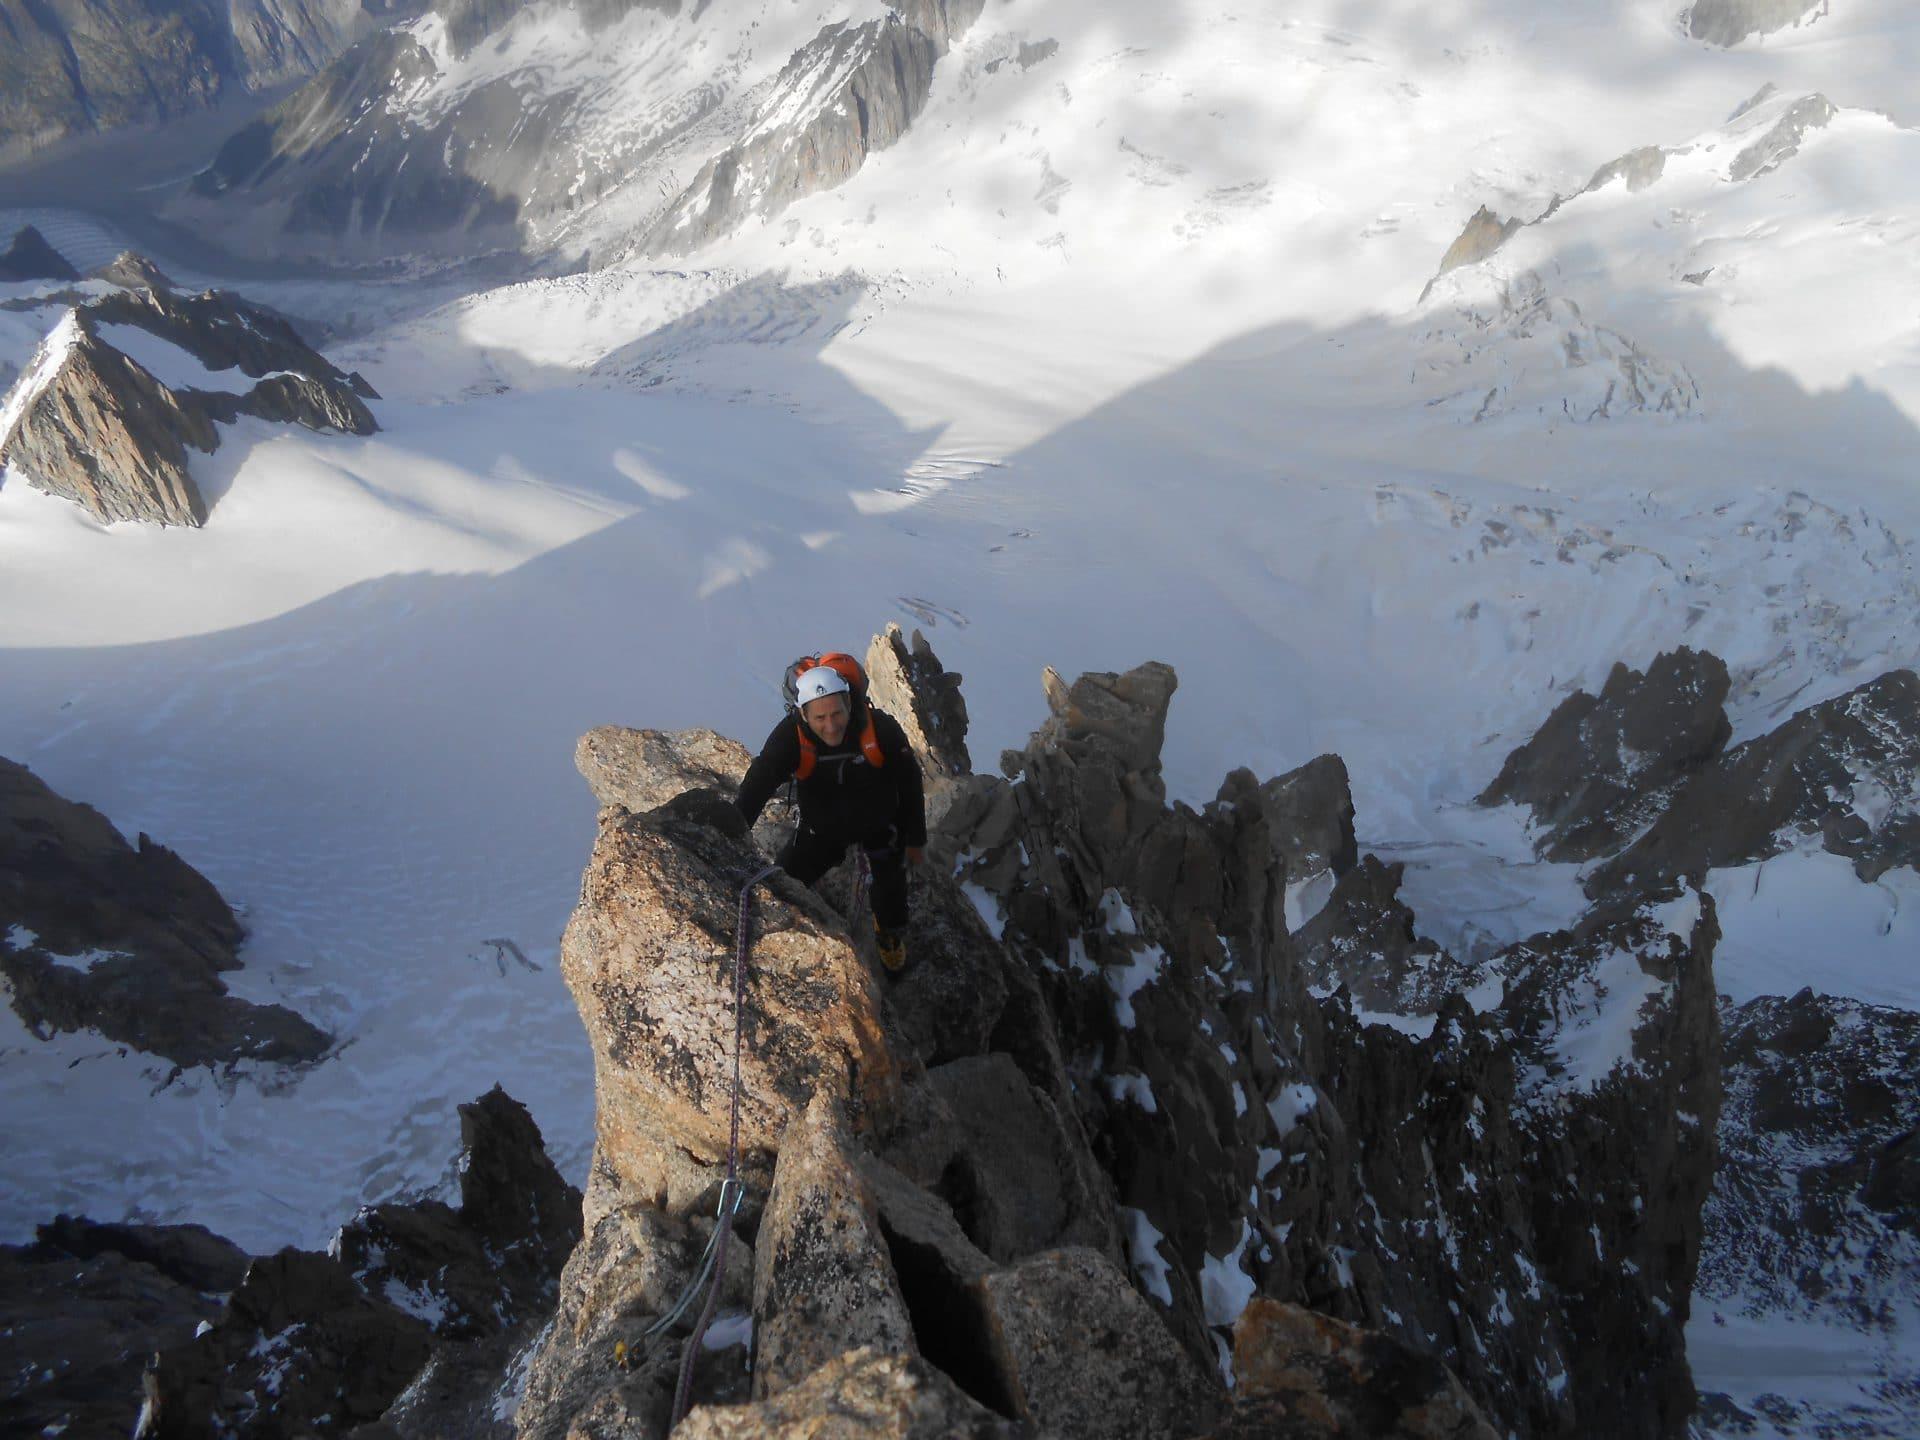 Helyum_Xavier-Carrard_guide-de-montagne_Pilier-Gervasutti_Mont-Blanc_du_tacul_France.1